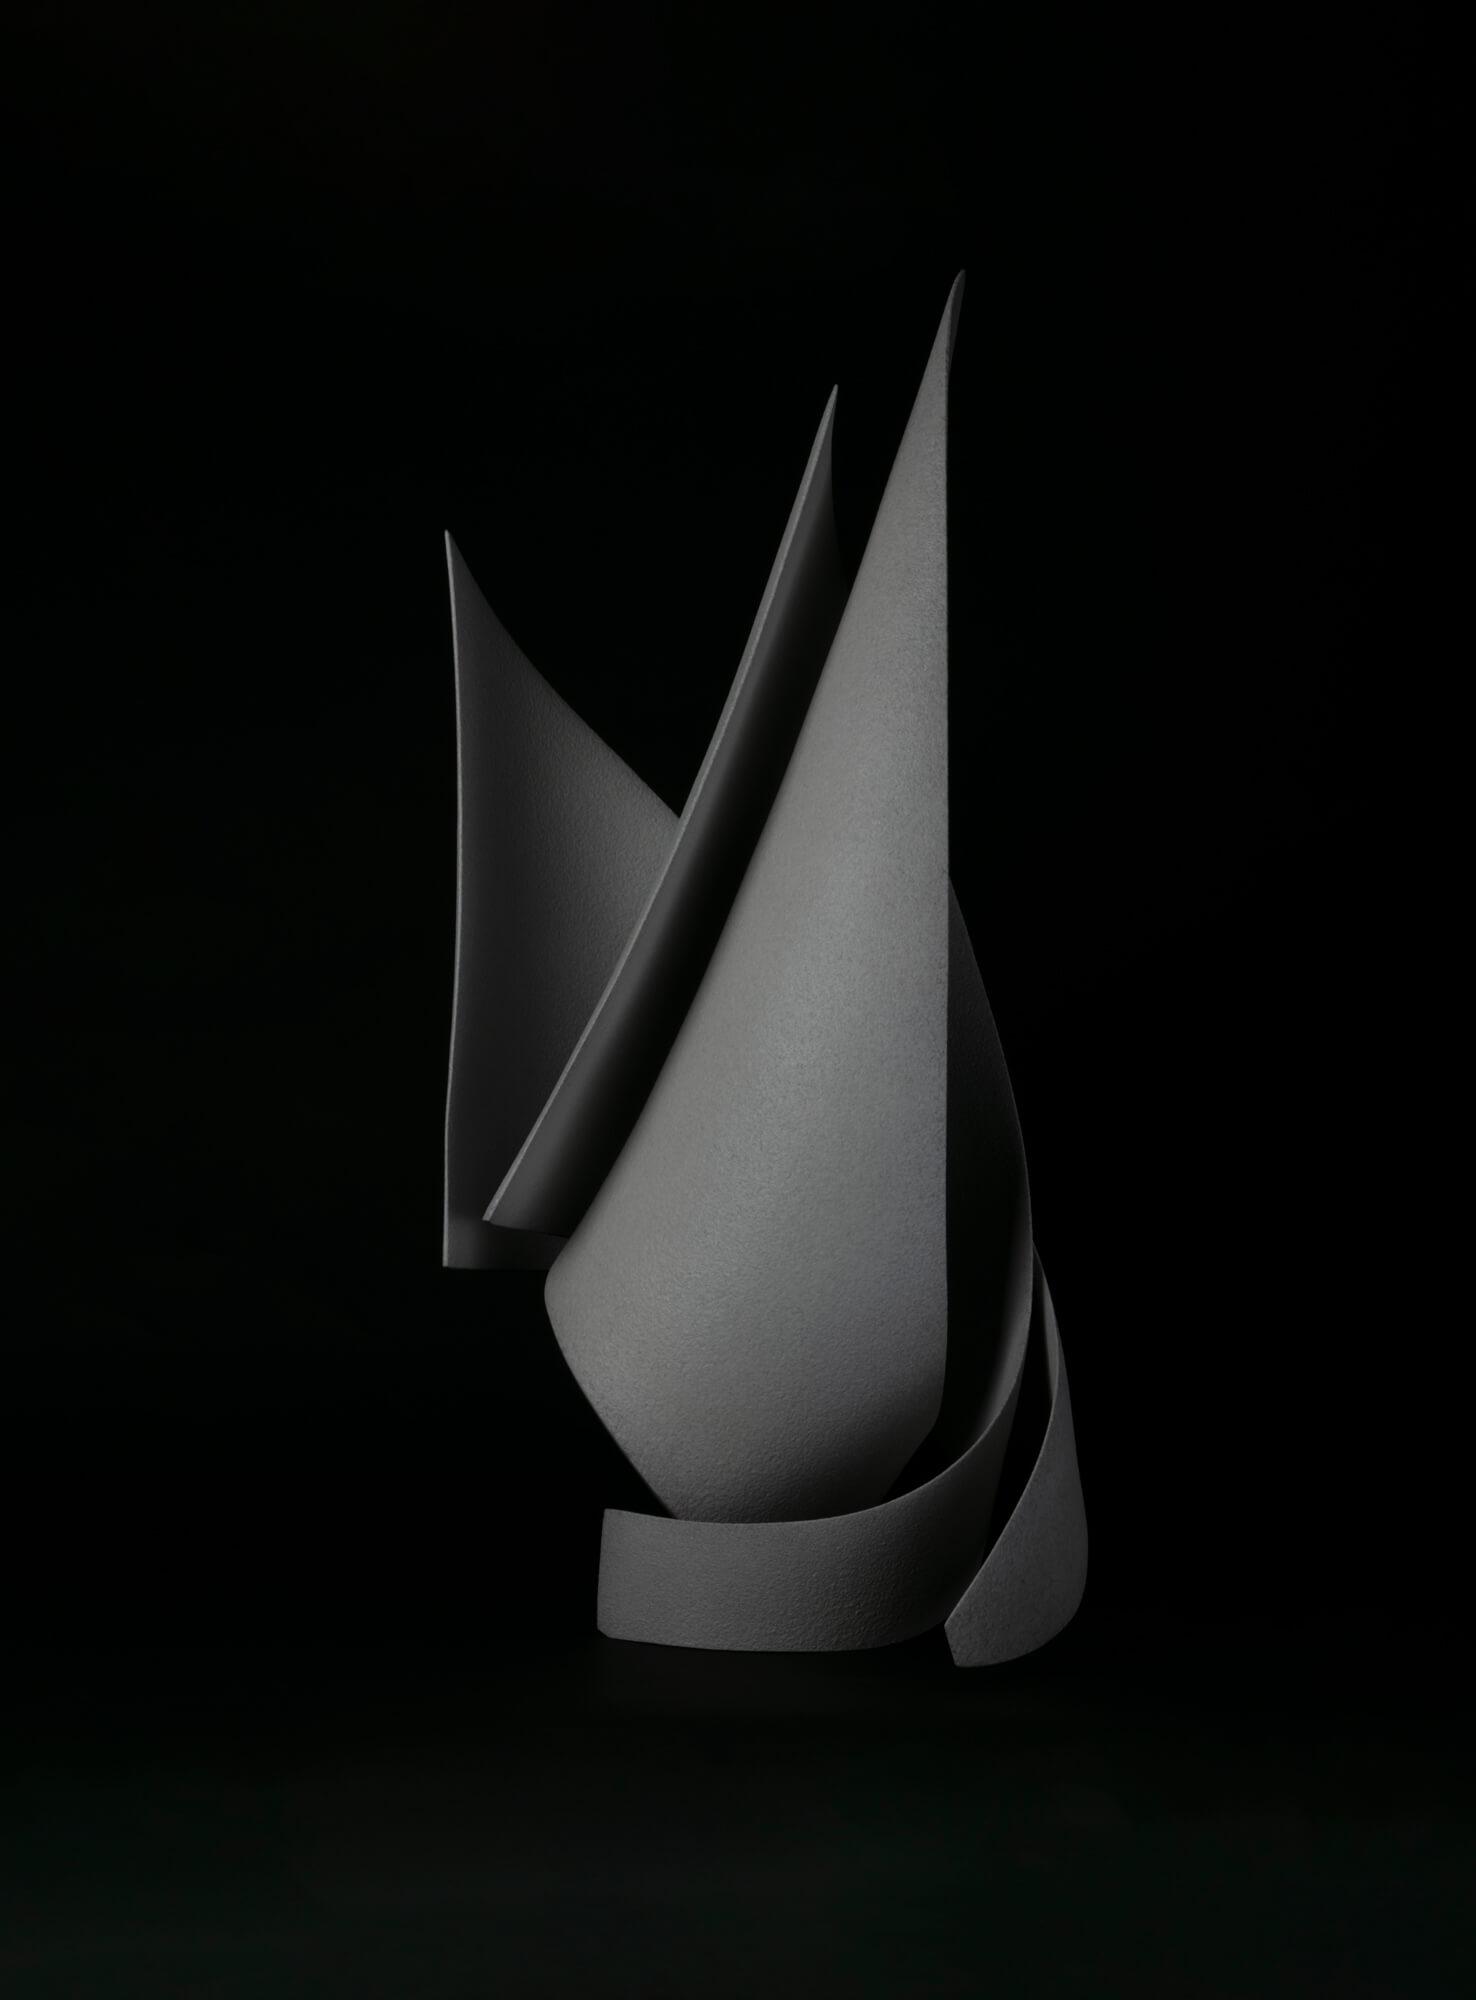 Kai(Turn) I(2020)